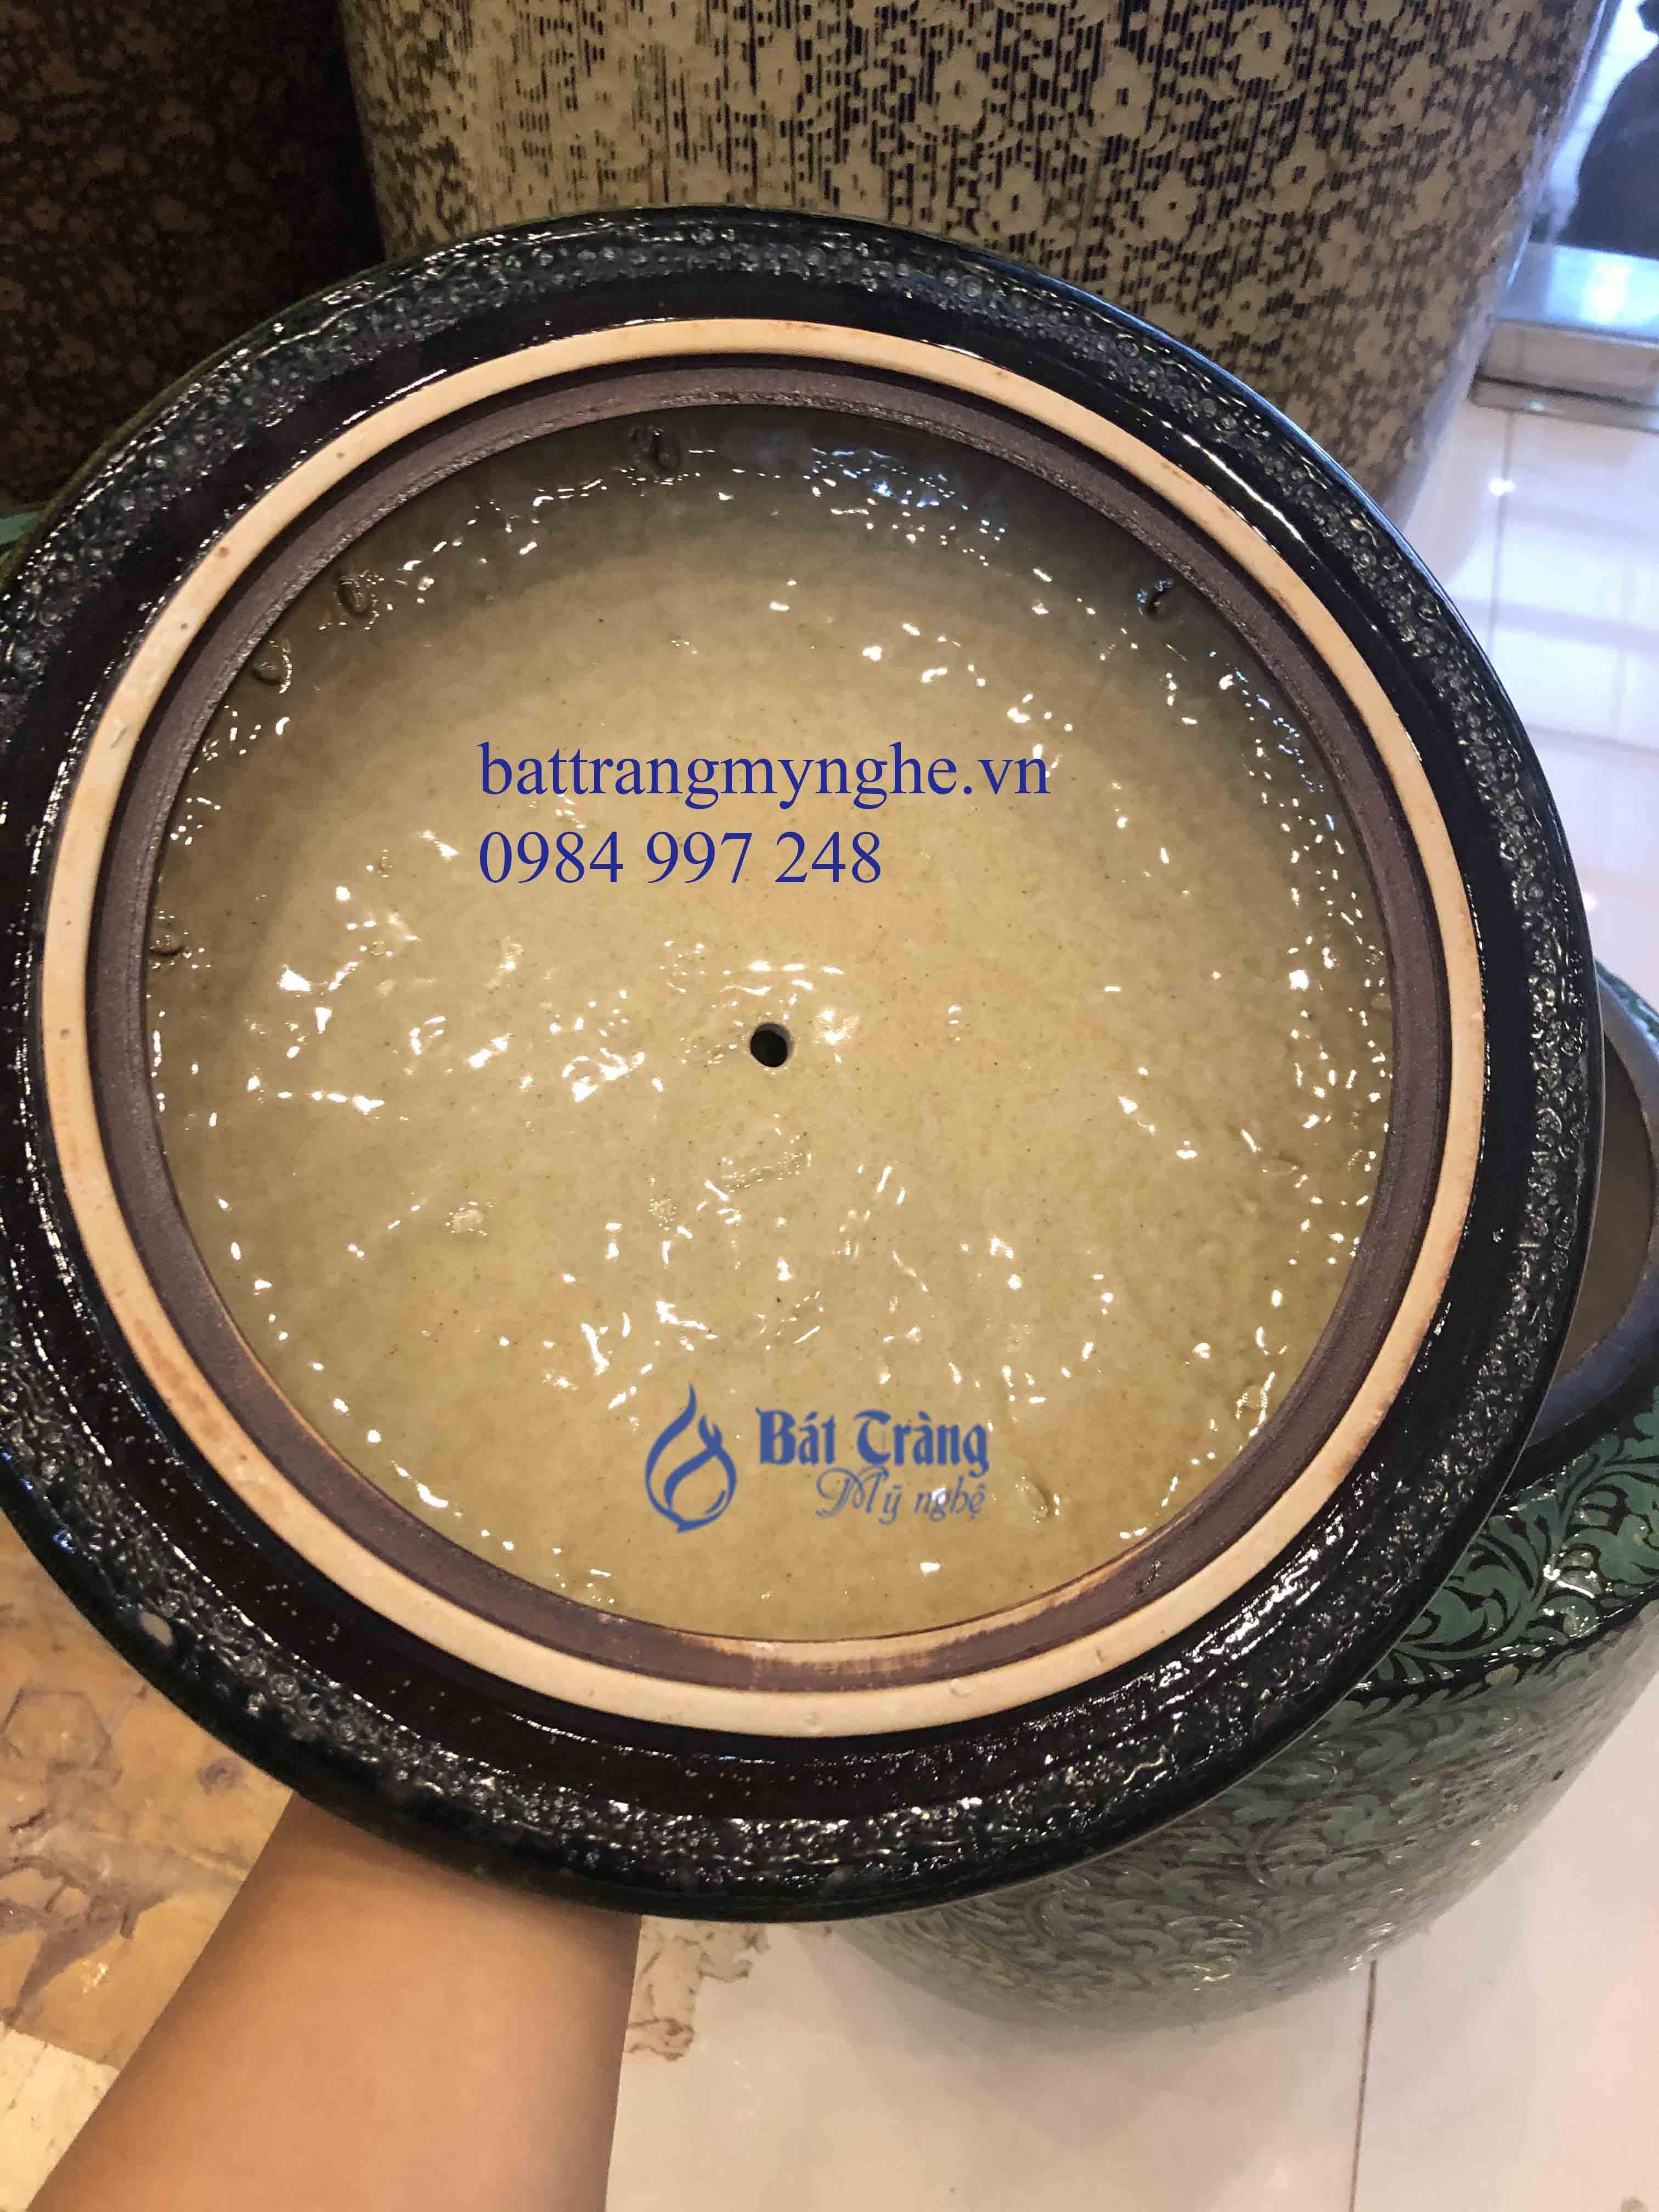 Hũ sứ đựng gạo men xanh vẽ hoa 30 kg